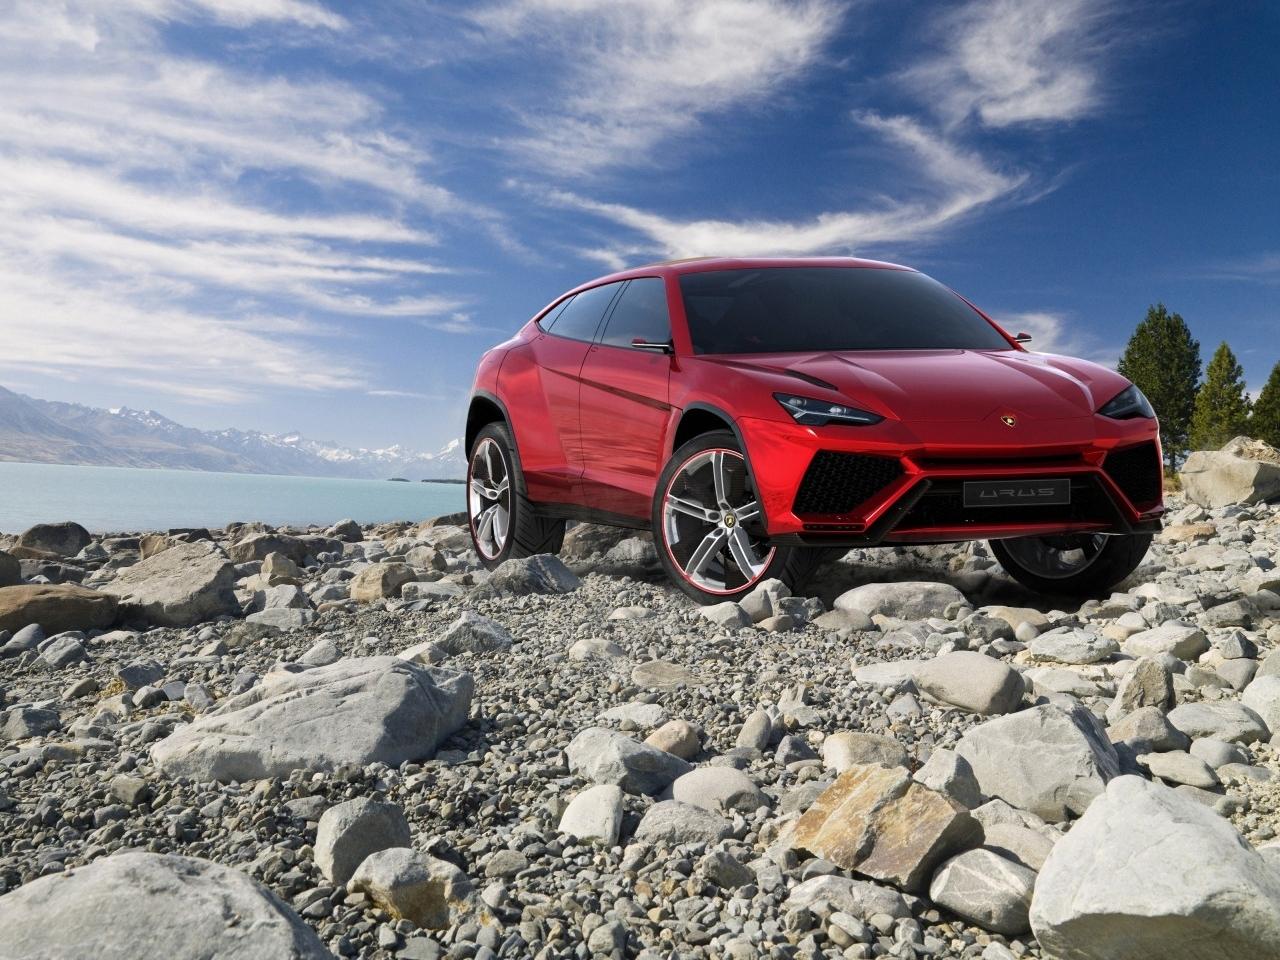 24609 скачать обои Транспорт, Машины, Ламборджини (Lamborghini) - заставки и картинки бесплатно